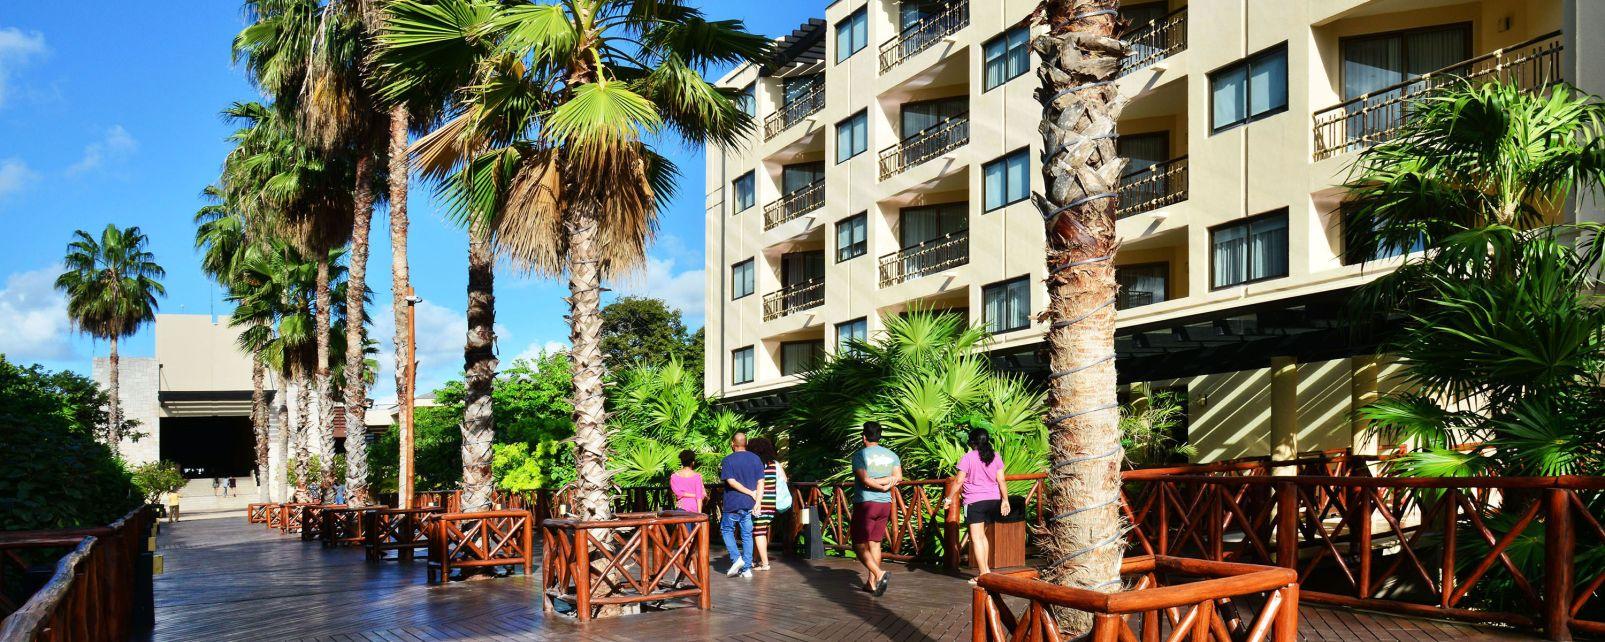 Dreams Riviera Cancun 5*